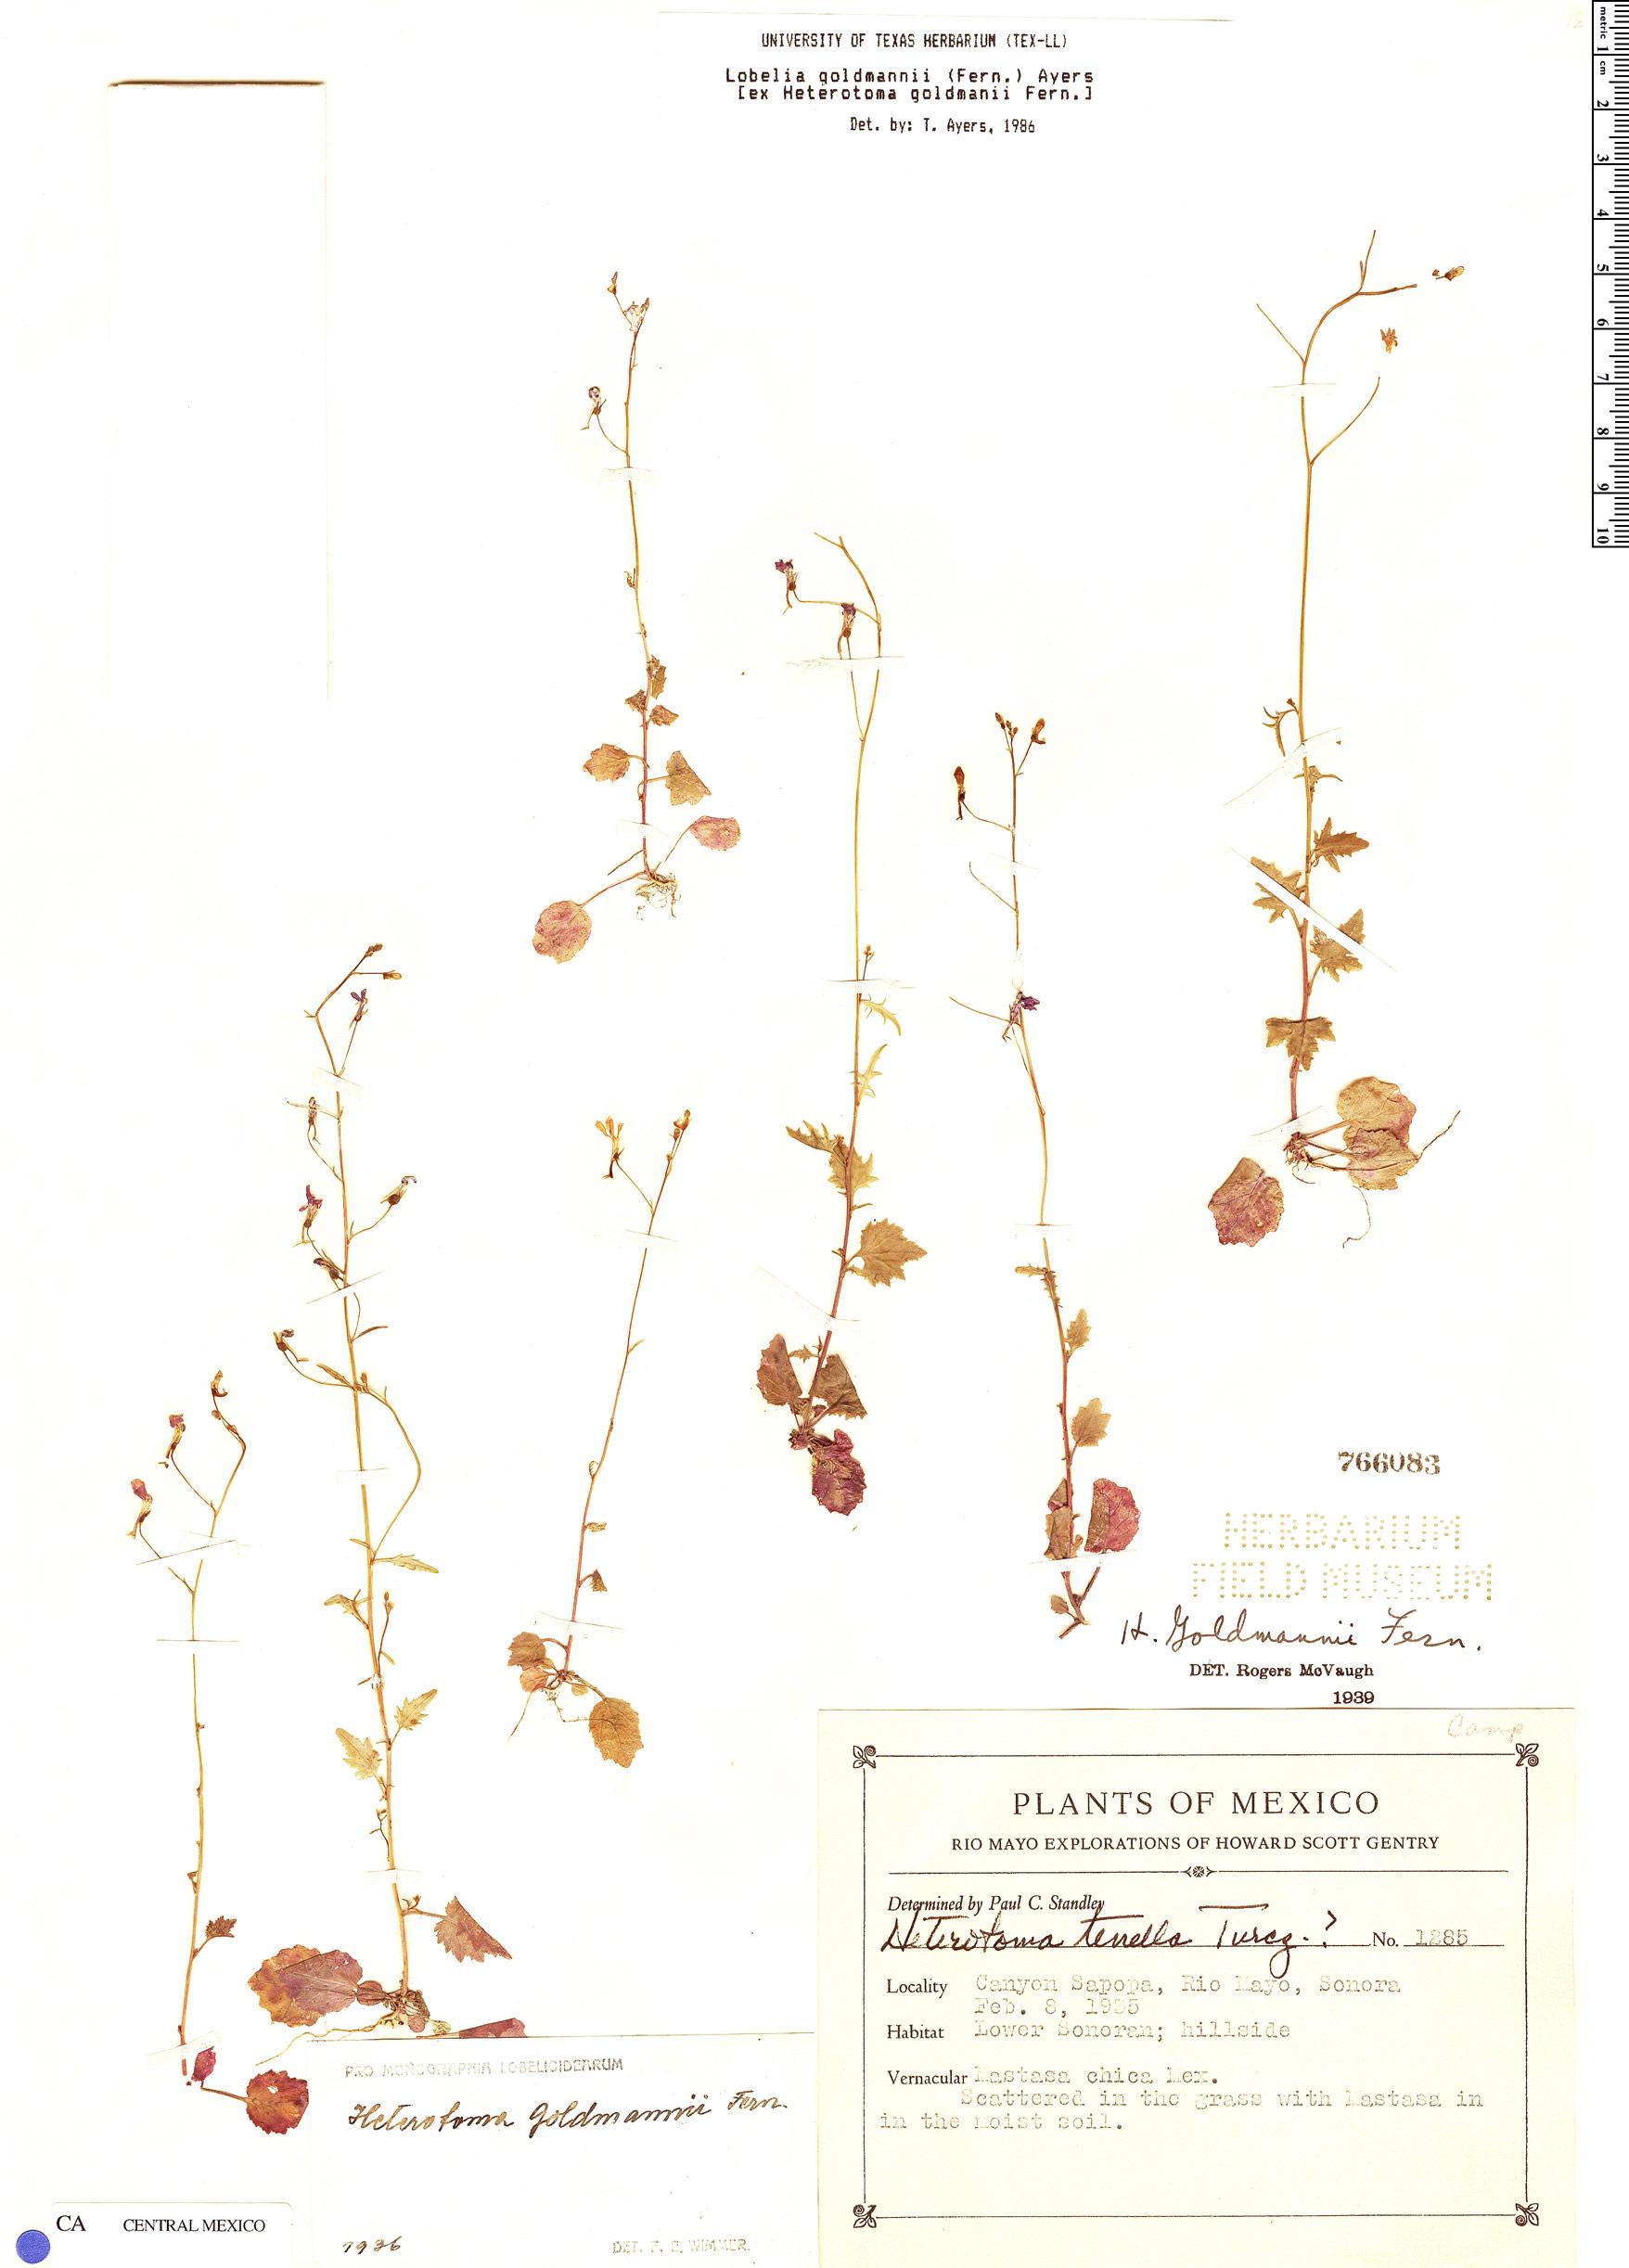 Lobelia goldmanii image